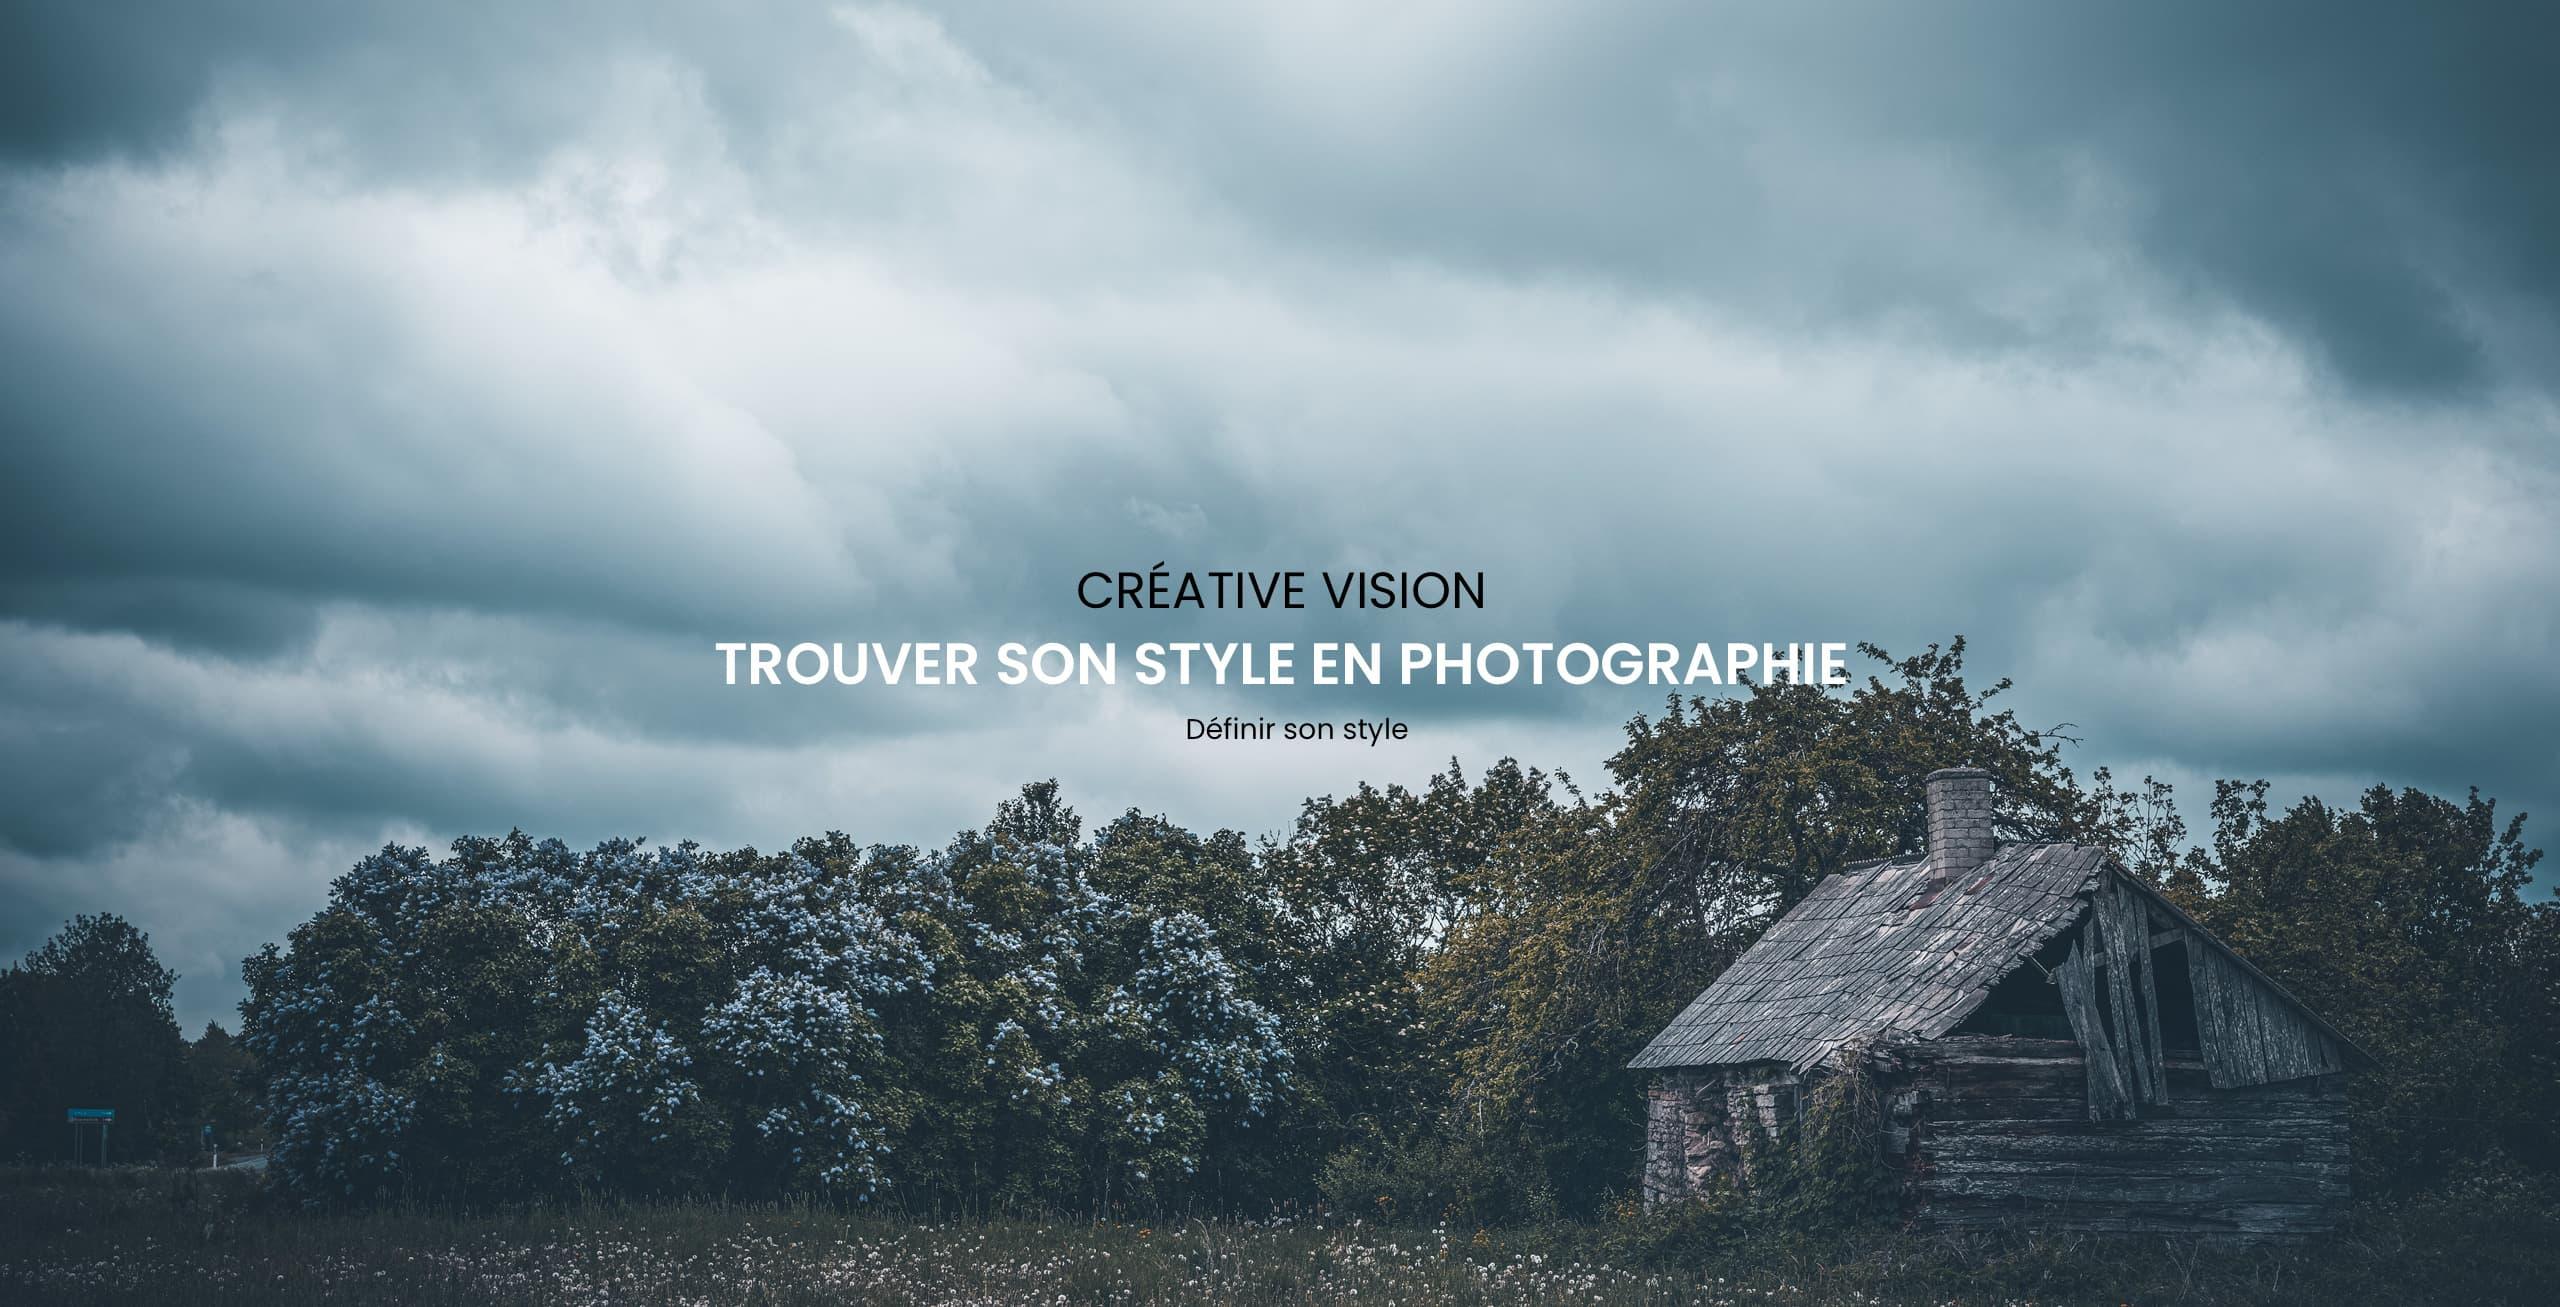 Définir son style en photographie